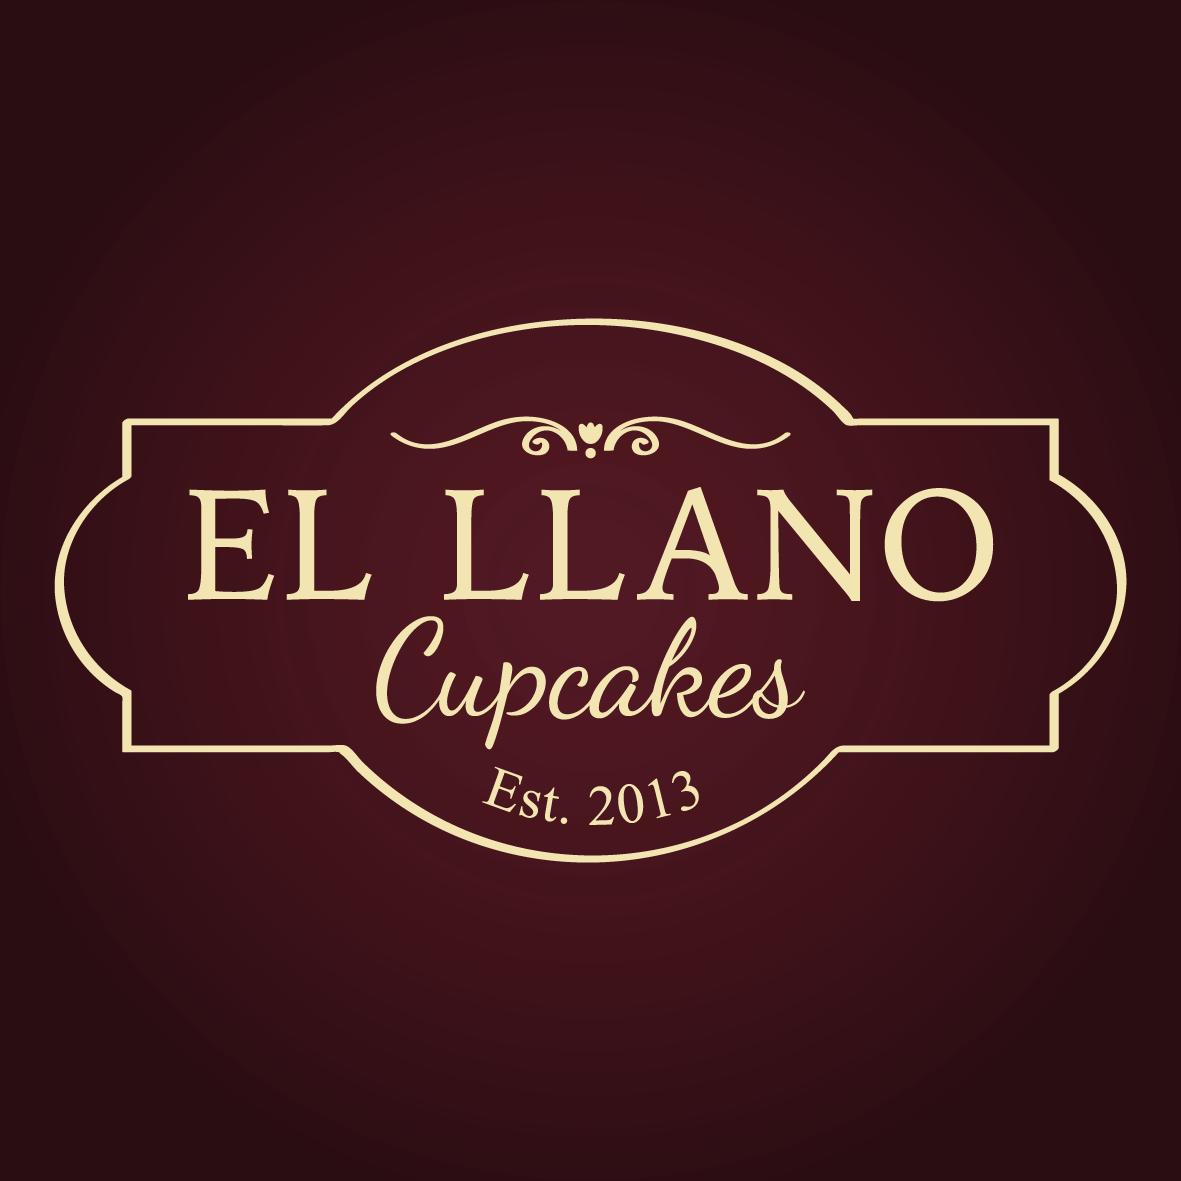 El Llano Cupcakes - Mérida - Venezuela